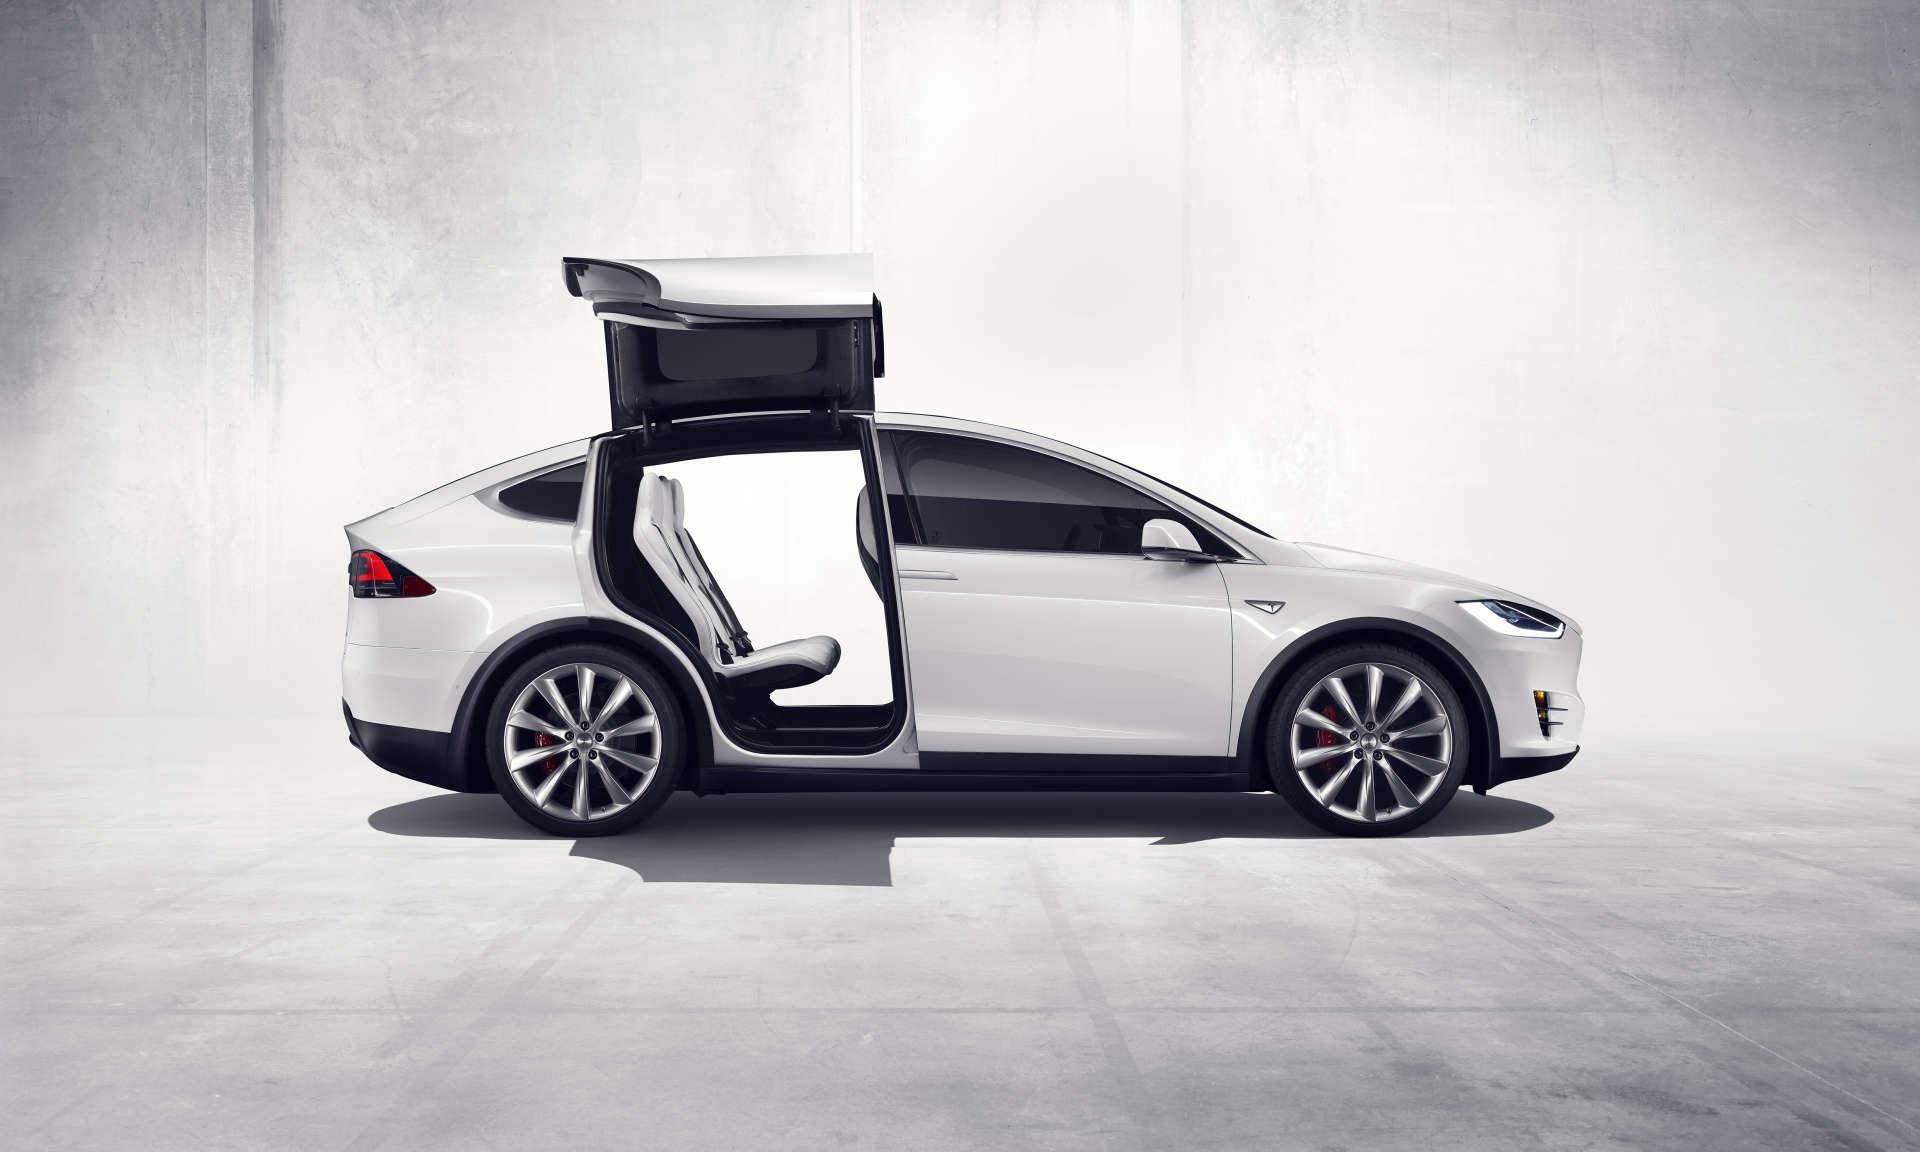 Les portes du Model X de Tesla se soulèvent verticalement avant de se déployer dans la largeur.